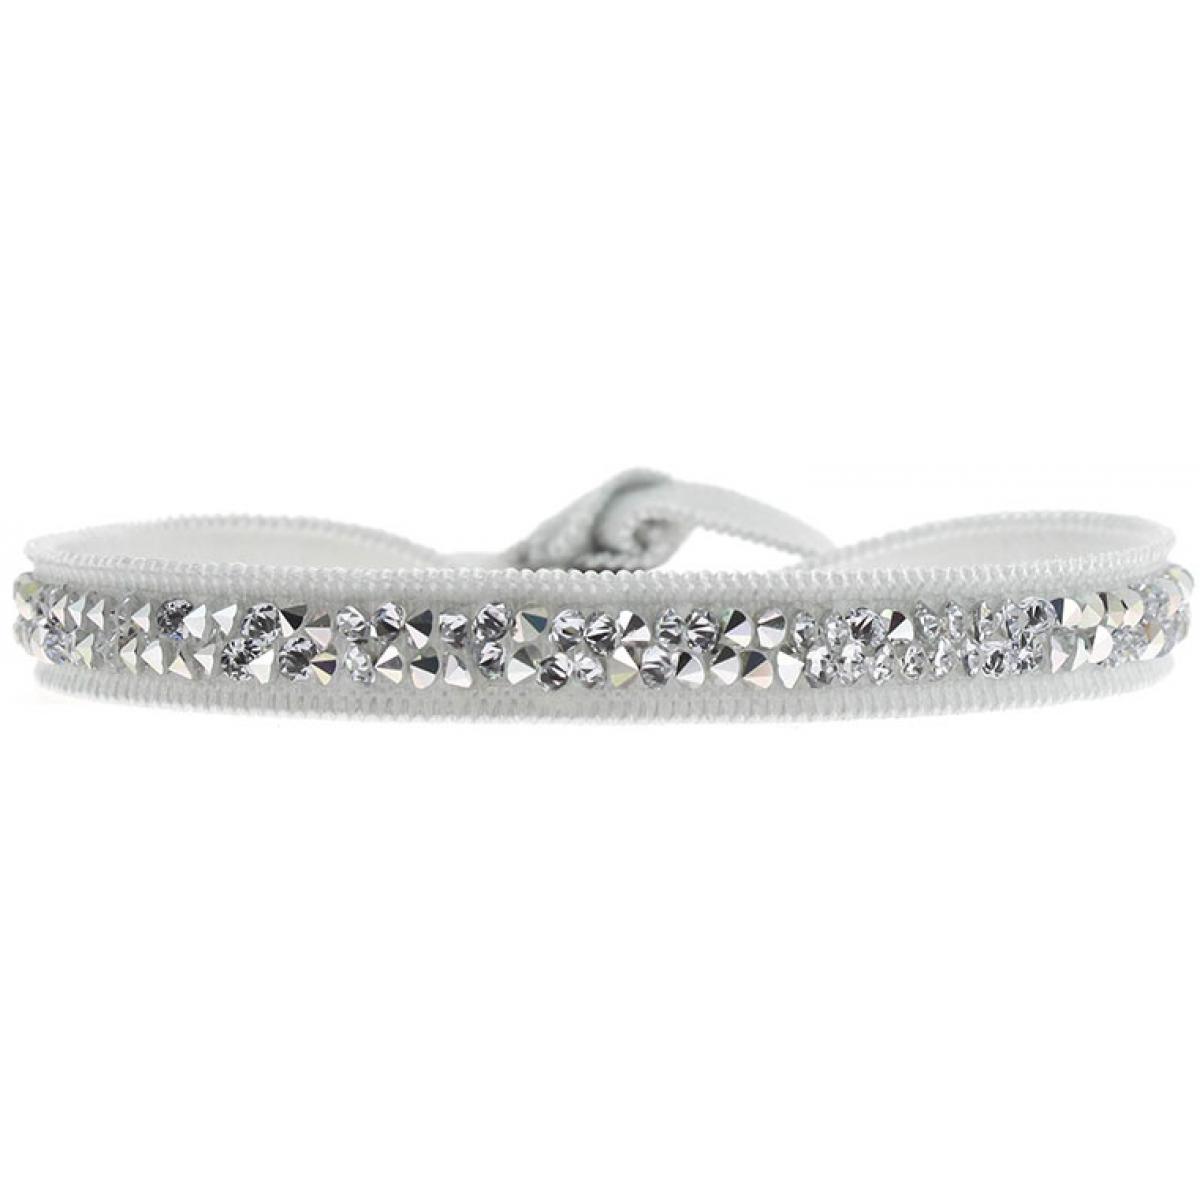 Bracelet Tissu Gris Cristaux Swarovski A24954